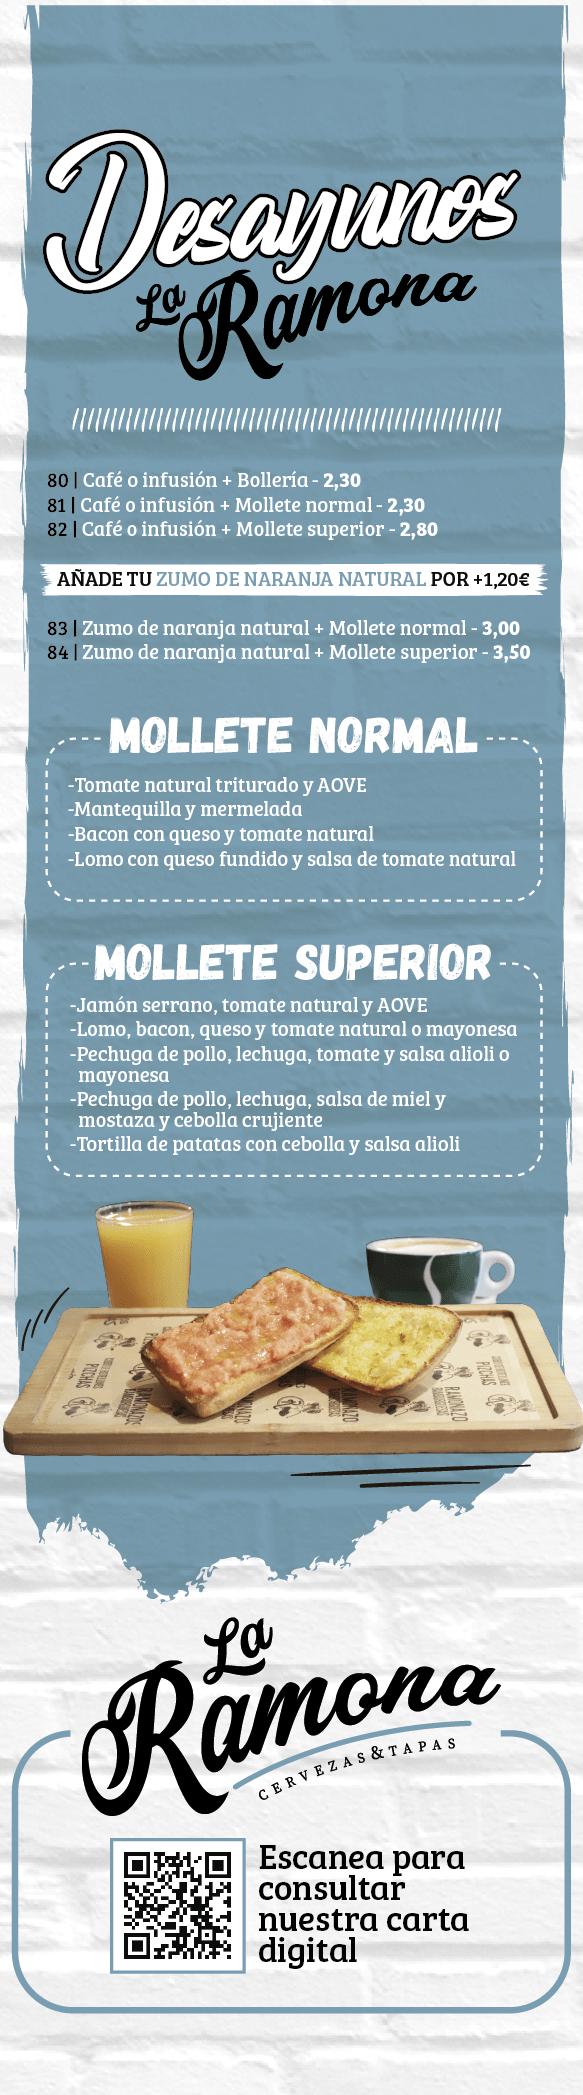 Carta La Ramona Desayuno